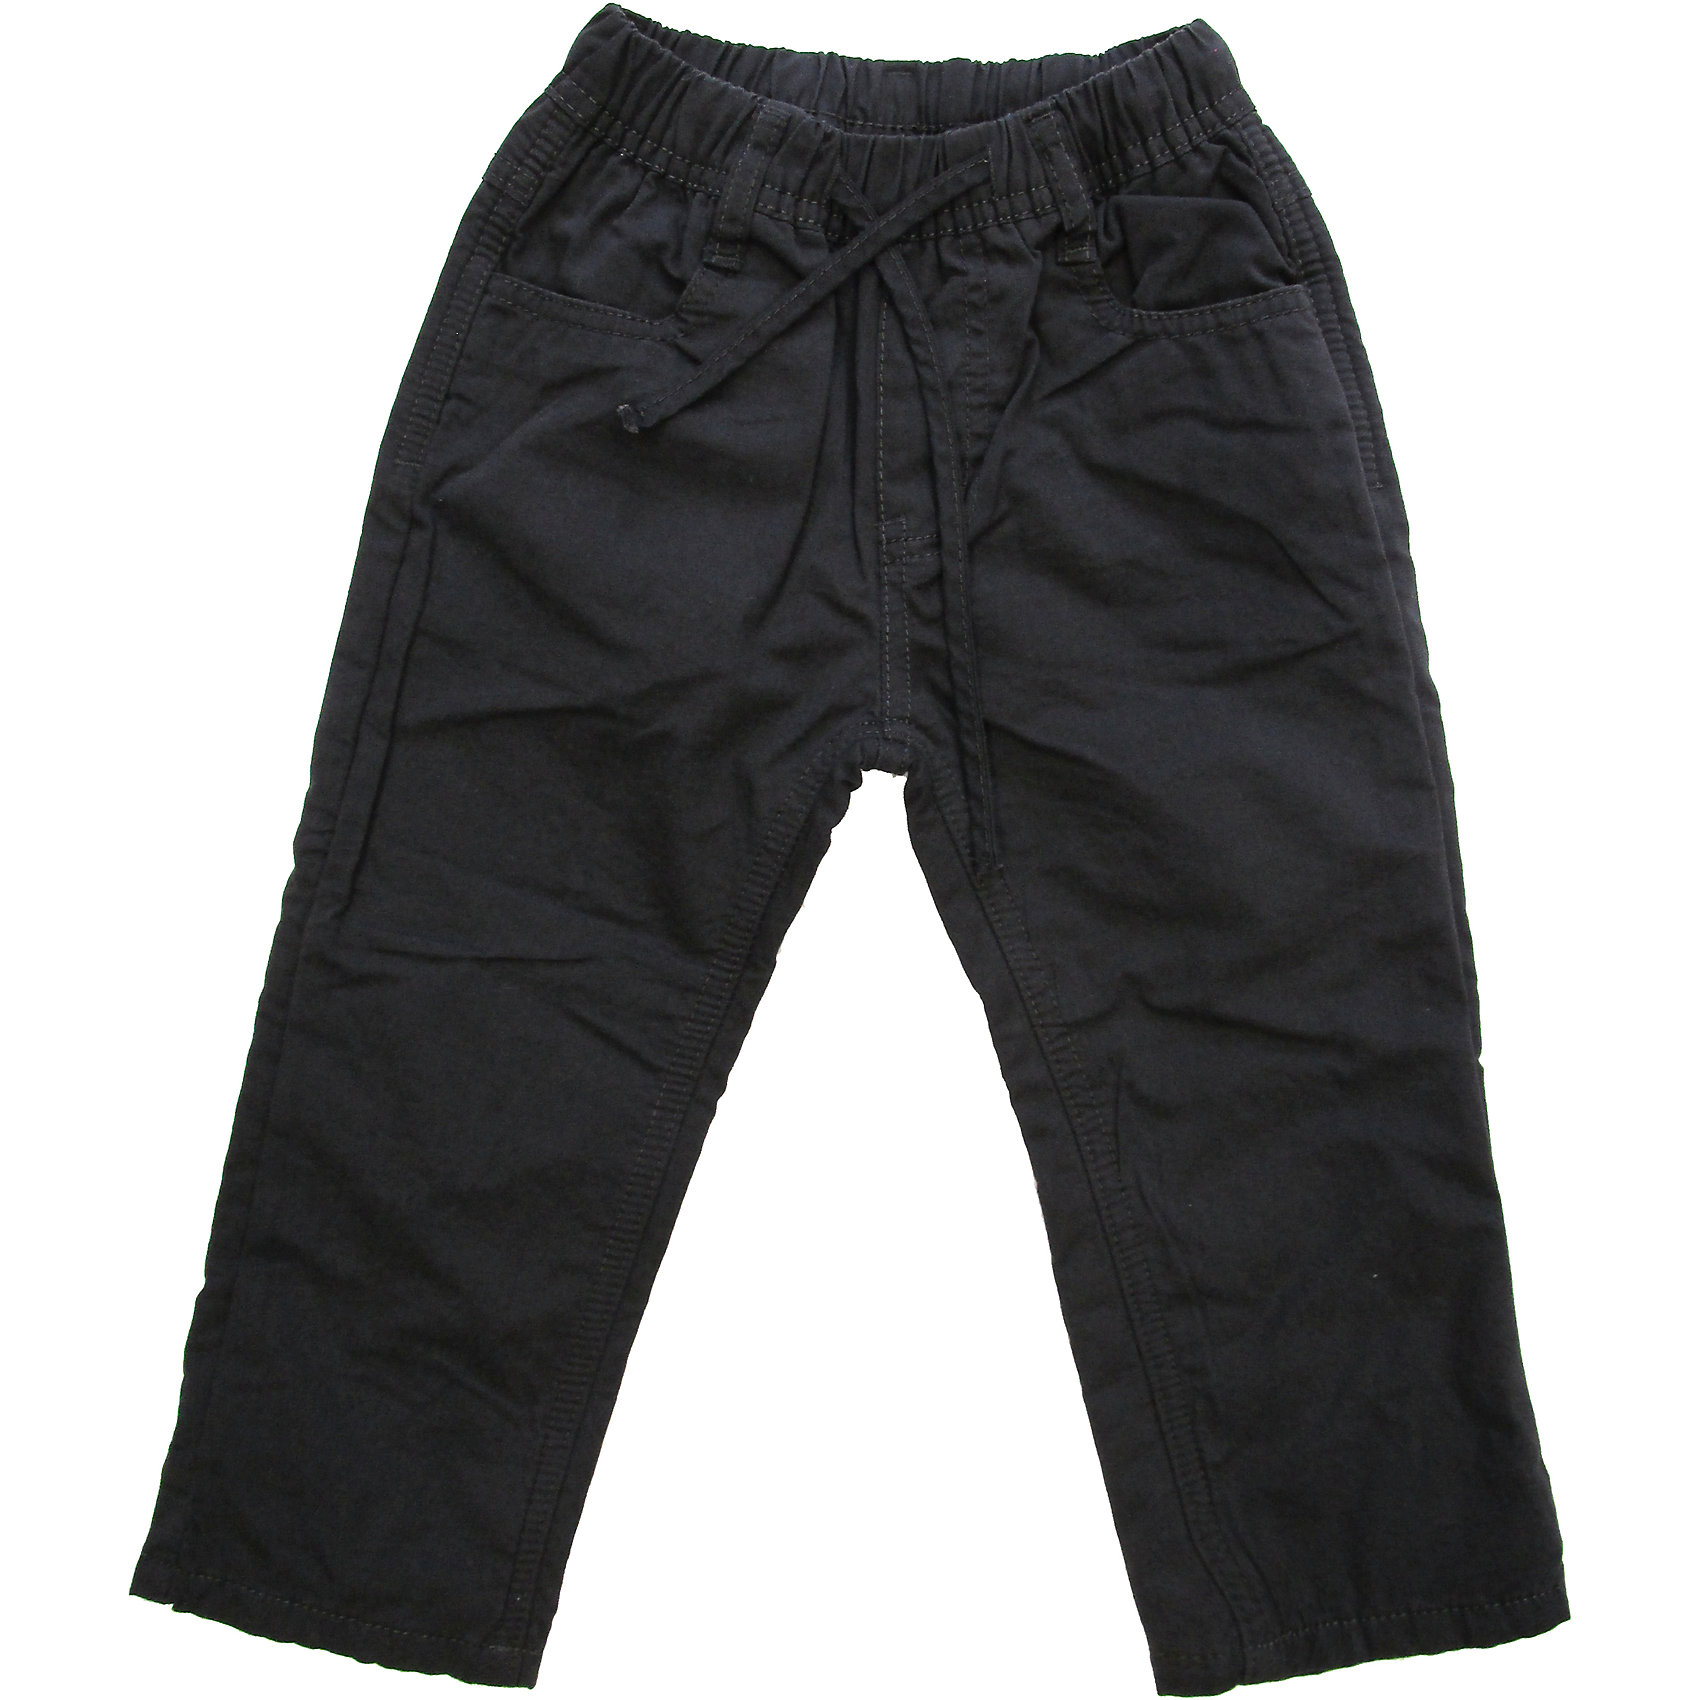 Брюки для мальчика Sweet BerryБрюки вельветовые на мальчика, базовые, с удобными карманами   спереди и сзади. <br>Состав: <br>верх: 100% хлопок, подкладка: 100% хлопок<br><br>Ширина мм: 215<br>Глубина мм: 88<br>Высота мм: 191<br>Вес г: 336<br>Цвет: серый<br>Возраст от месяцев: 12<br>Возраст до месяцев: 18<br>Пол: Мужской<br>Возраст: Детский<br>Размер: 86,98,80,92<br>SKU: 4291489